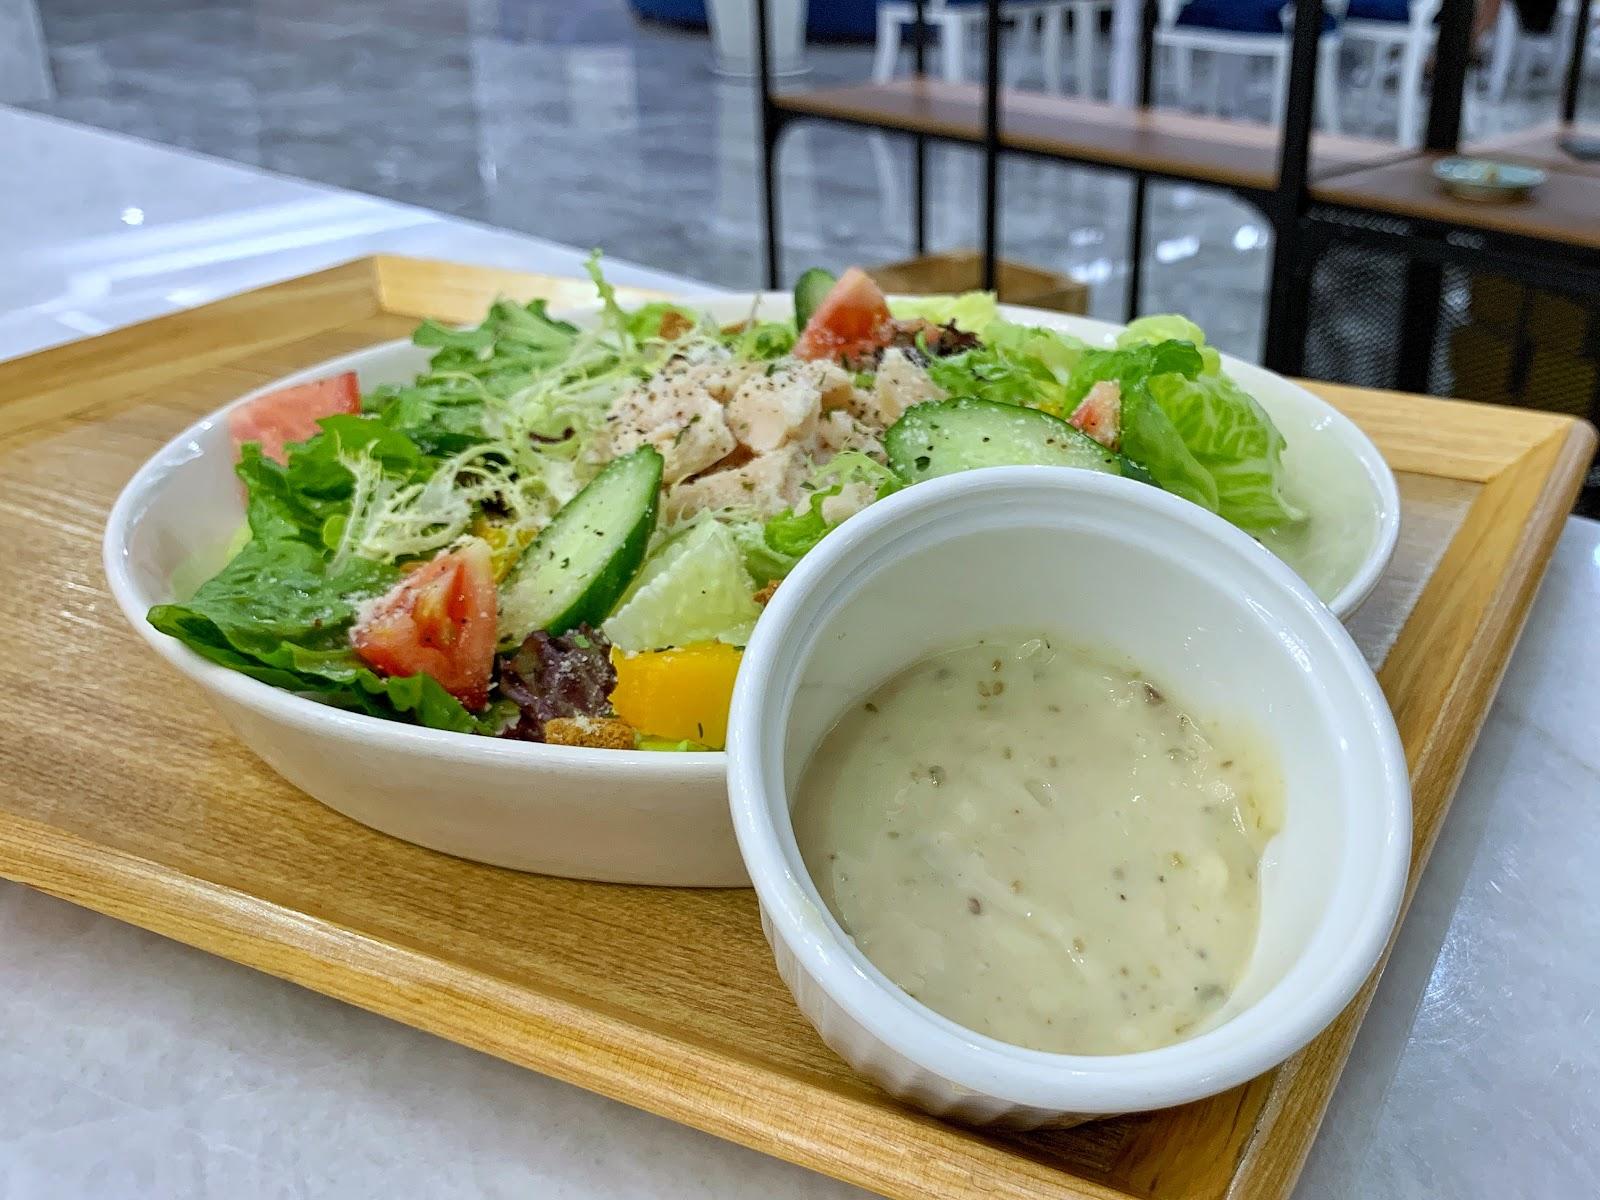 台南美食三皇三家金華店凱薩雞肉沙拉